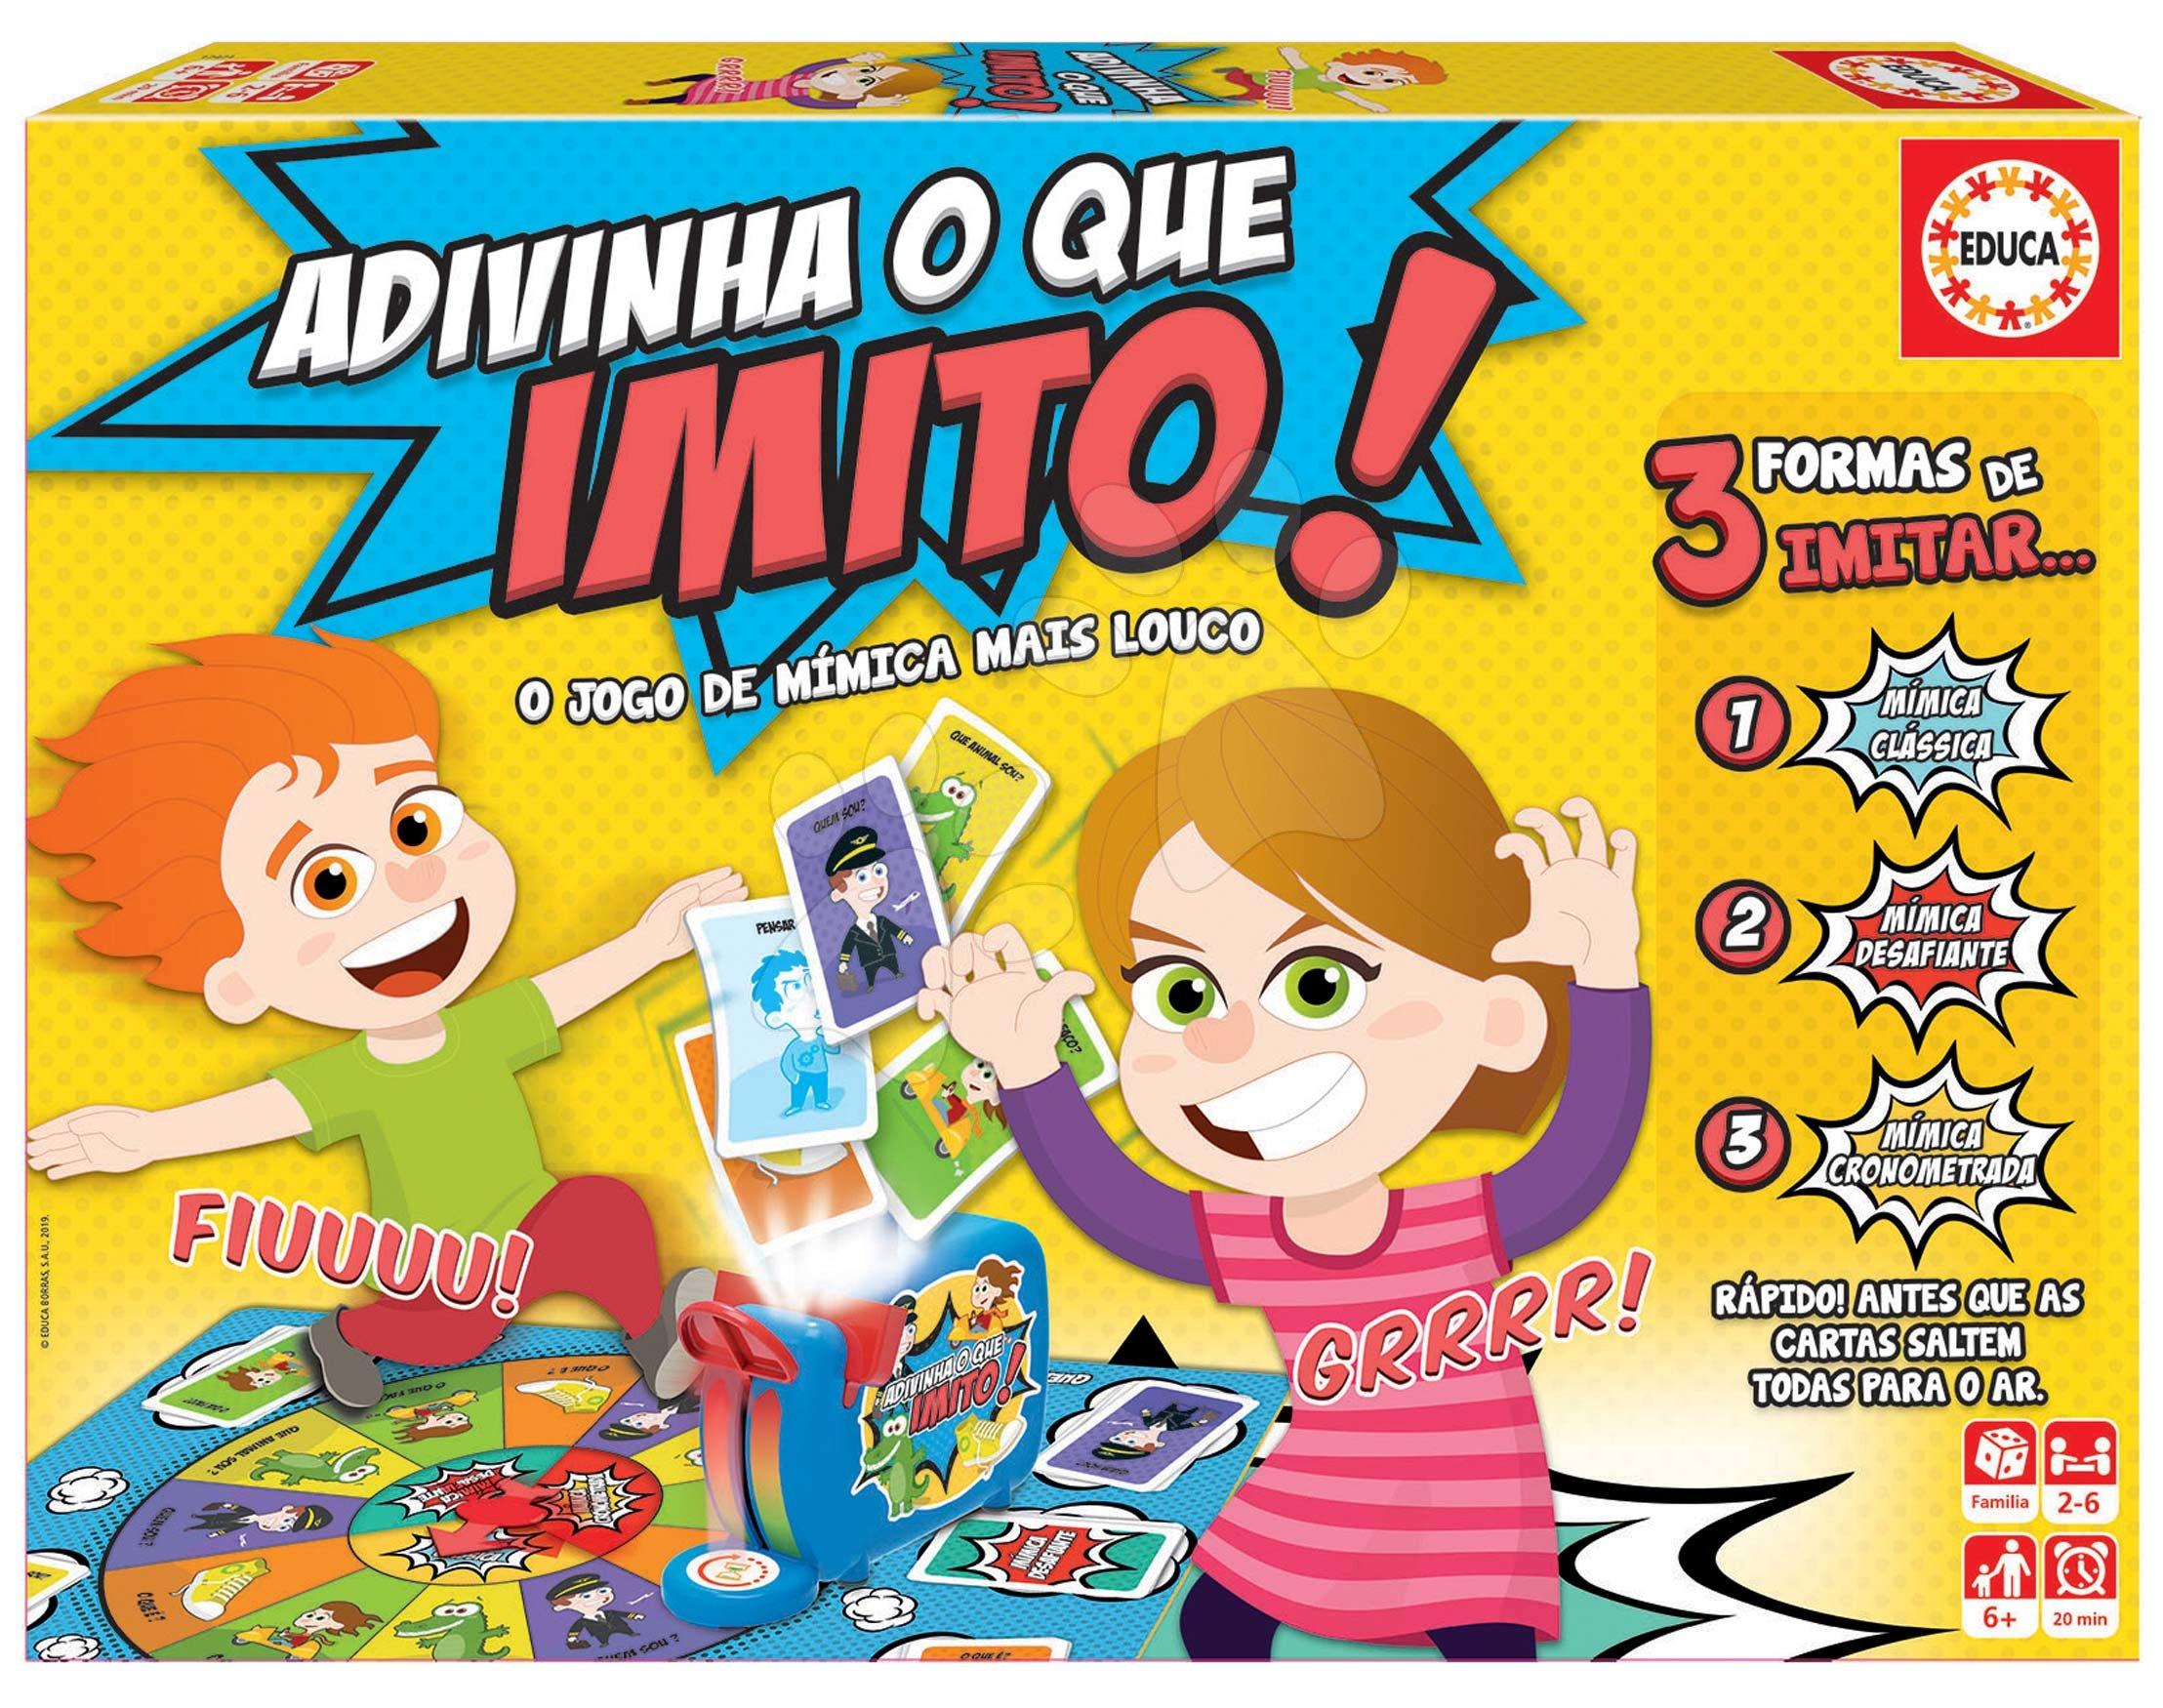 Társasjáték Adivina que imito! Educa spanyol nyelvű, 2-6 játékos részére 6 évtől